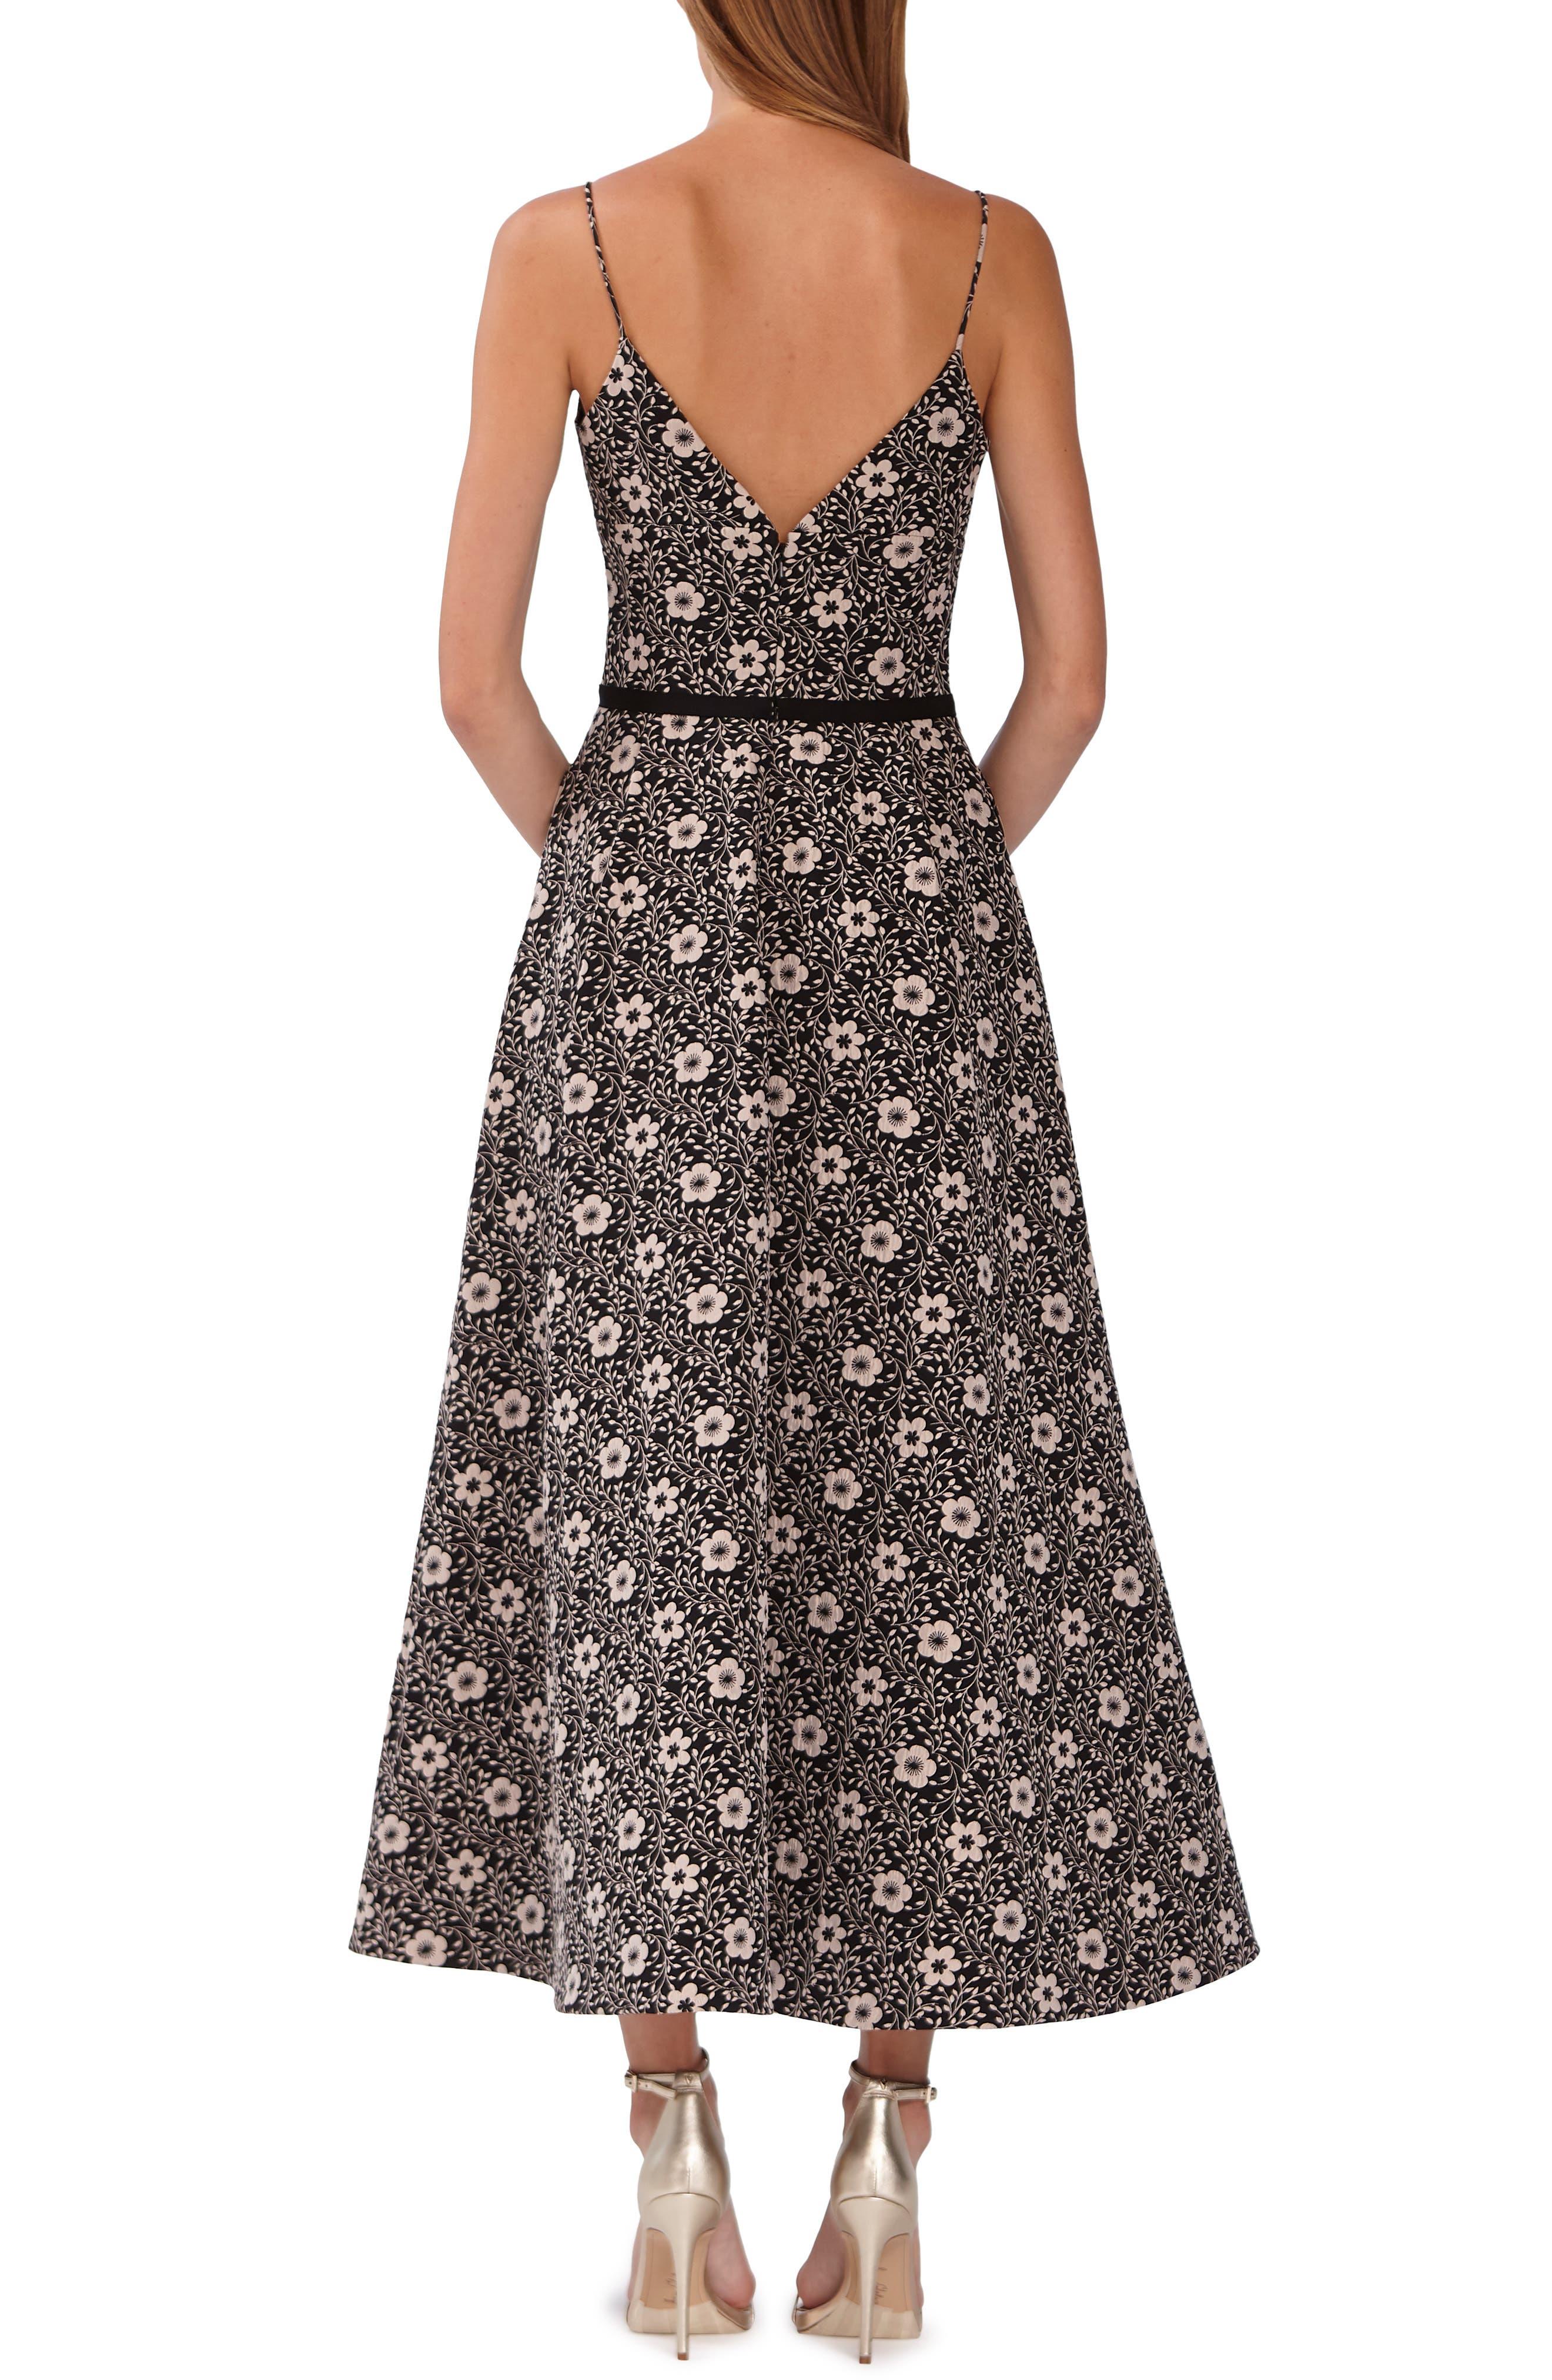 ML MONIQUE LHUILLIER,                             Floral Jacquard Evening Dress,                             Alternate thumbnail 2, color,                             JET COMBO